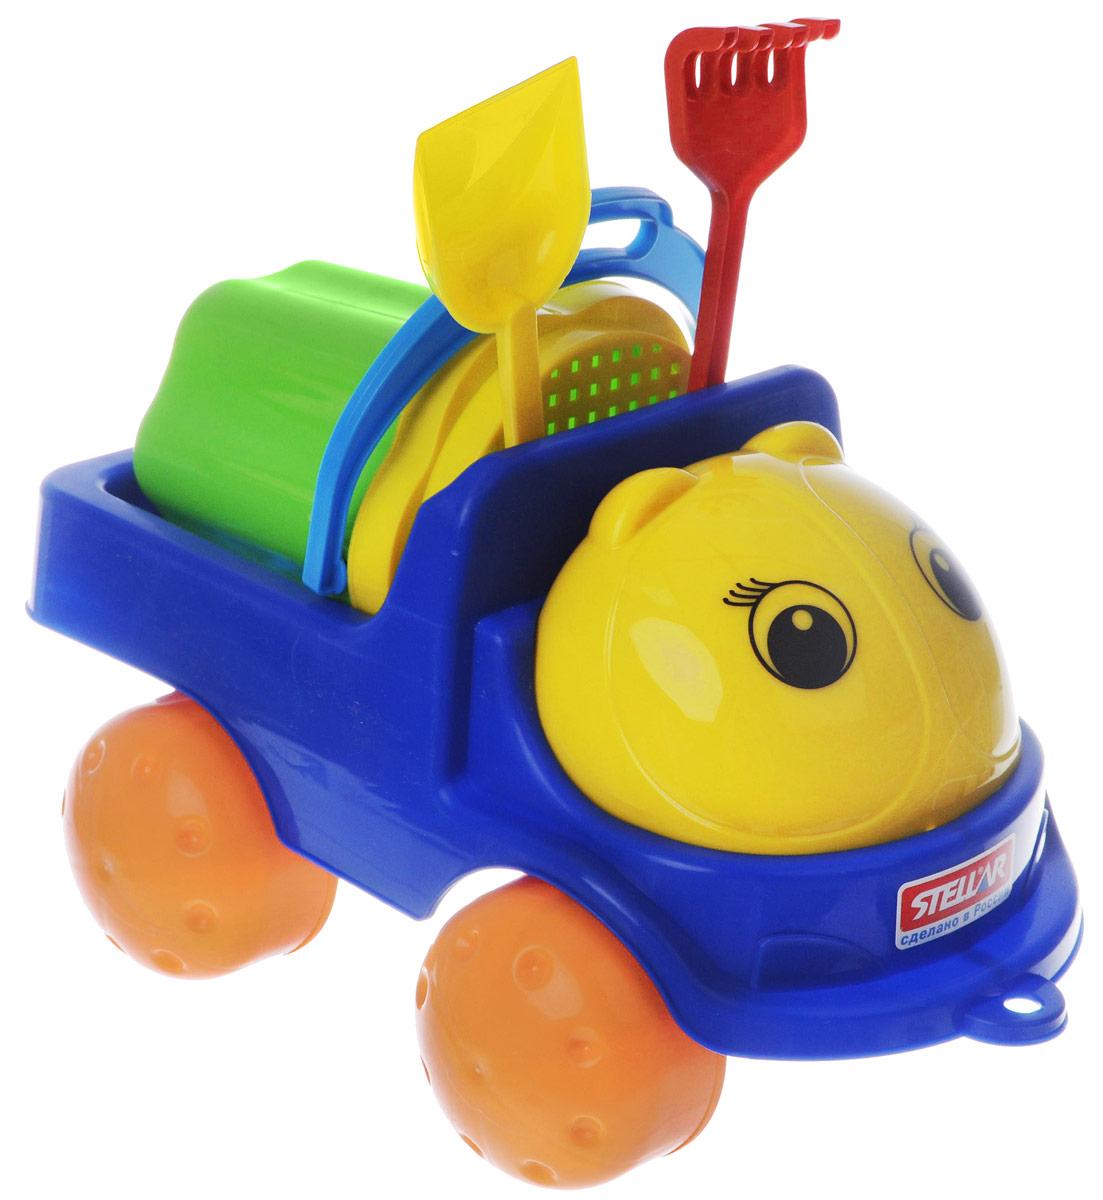 """Яркий грузовик Stellar """"Кузнечик-2"""" и набор для песка, изготовленные из полипропилена, доставят много радости вашему ребенку. Грузовик снабжен вместительным кузовом и колесиками со свободным ходом. К нему можно привязать шнурок и возить его за собой. На таком грузовике малыш сможет подвозить песок к игрушечной стройке. Набор включает в себя небольшое ведерко с ручкой, сито, лопатку и грабельки. Порадуйте вашего малыша таким замечательным подарком!"""